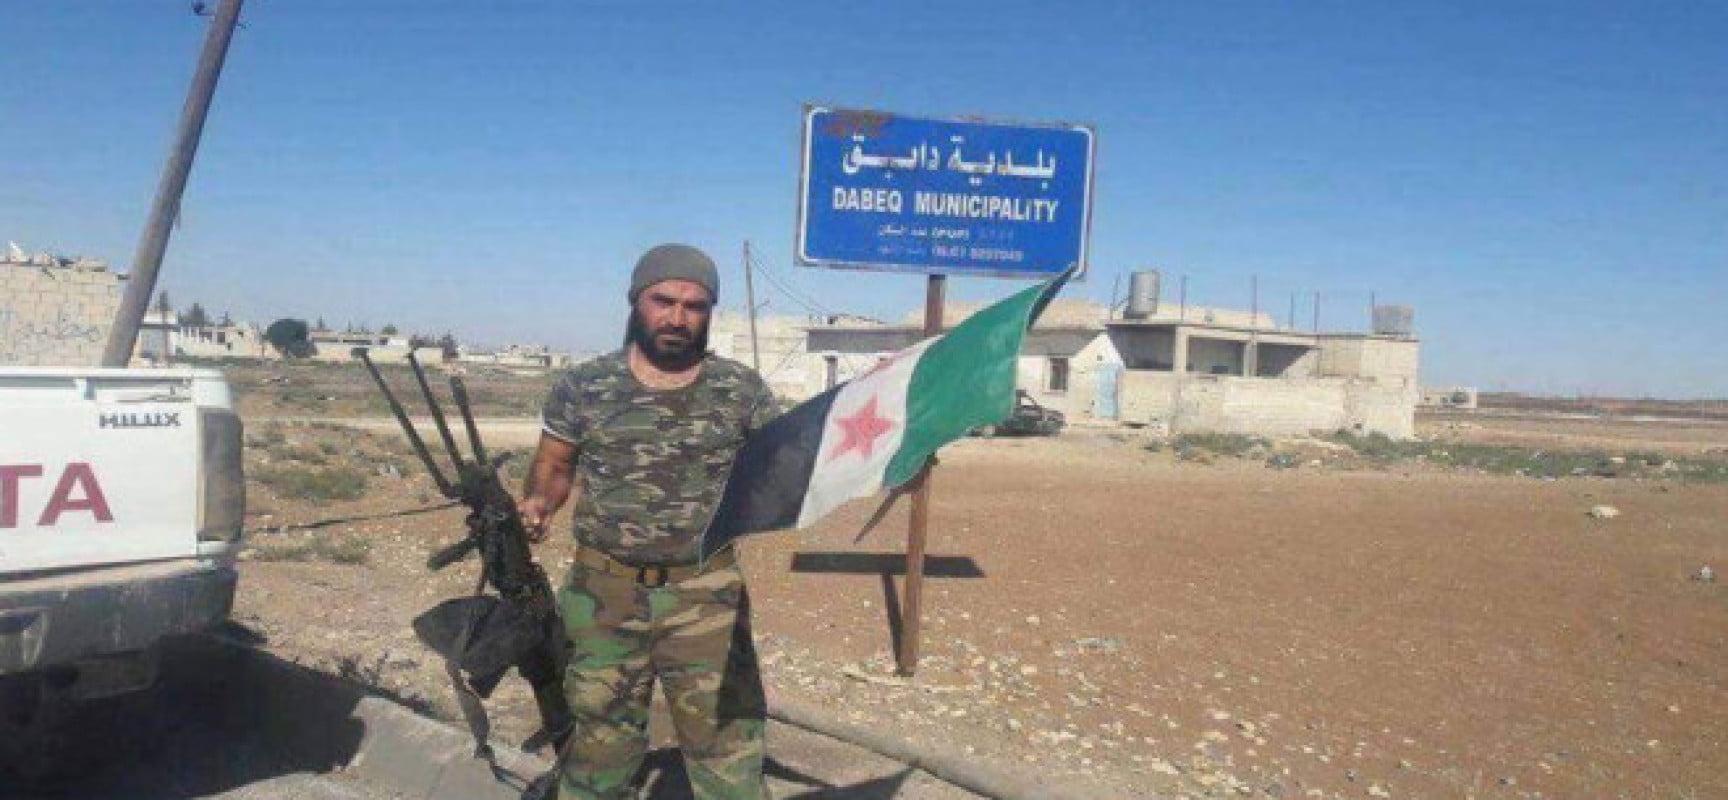 Το Νταές παρέδωσε το Νταμπίκ χωρίς μάχες, η Τουρκία επιμένει να δημιουργήσει μια ζώνη ασφαλείας στη βόρεια Συρία